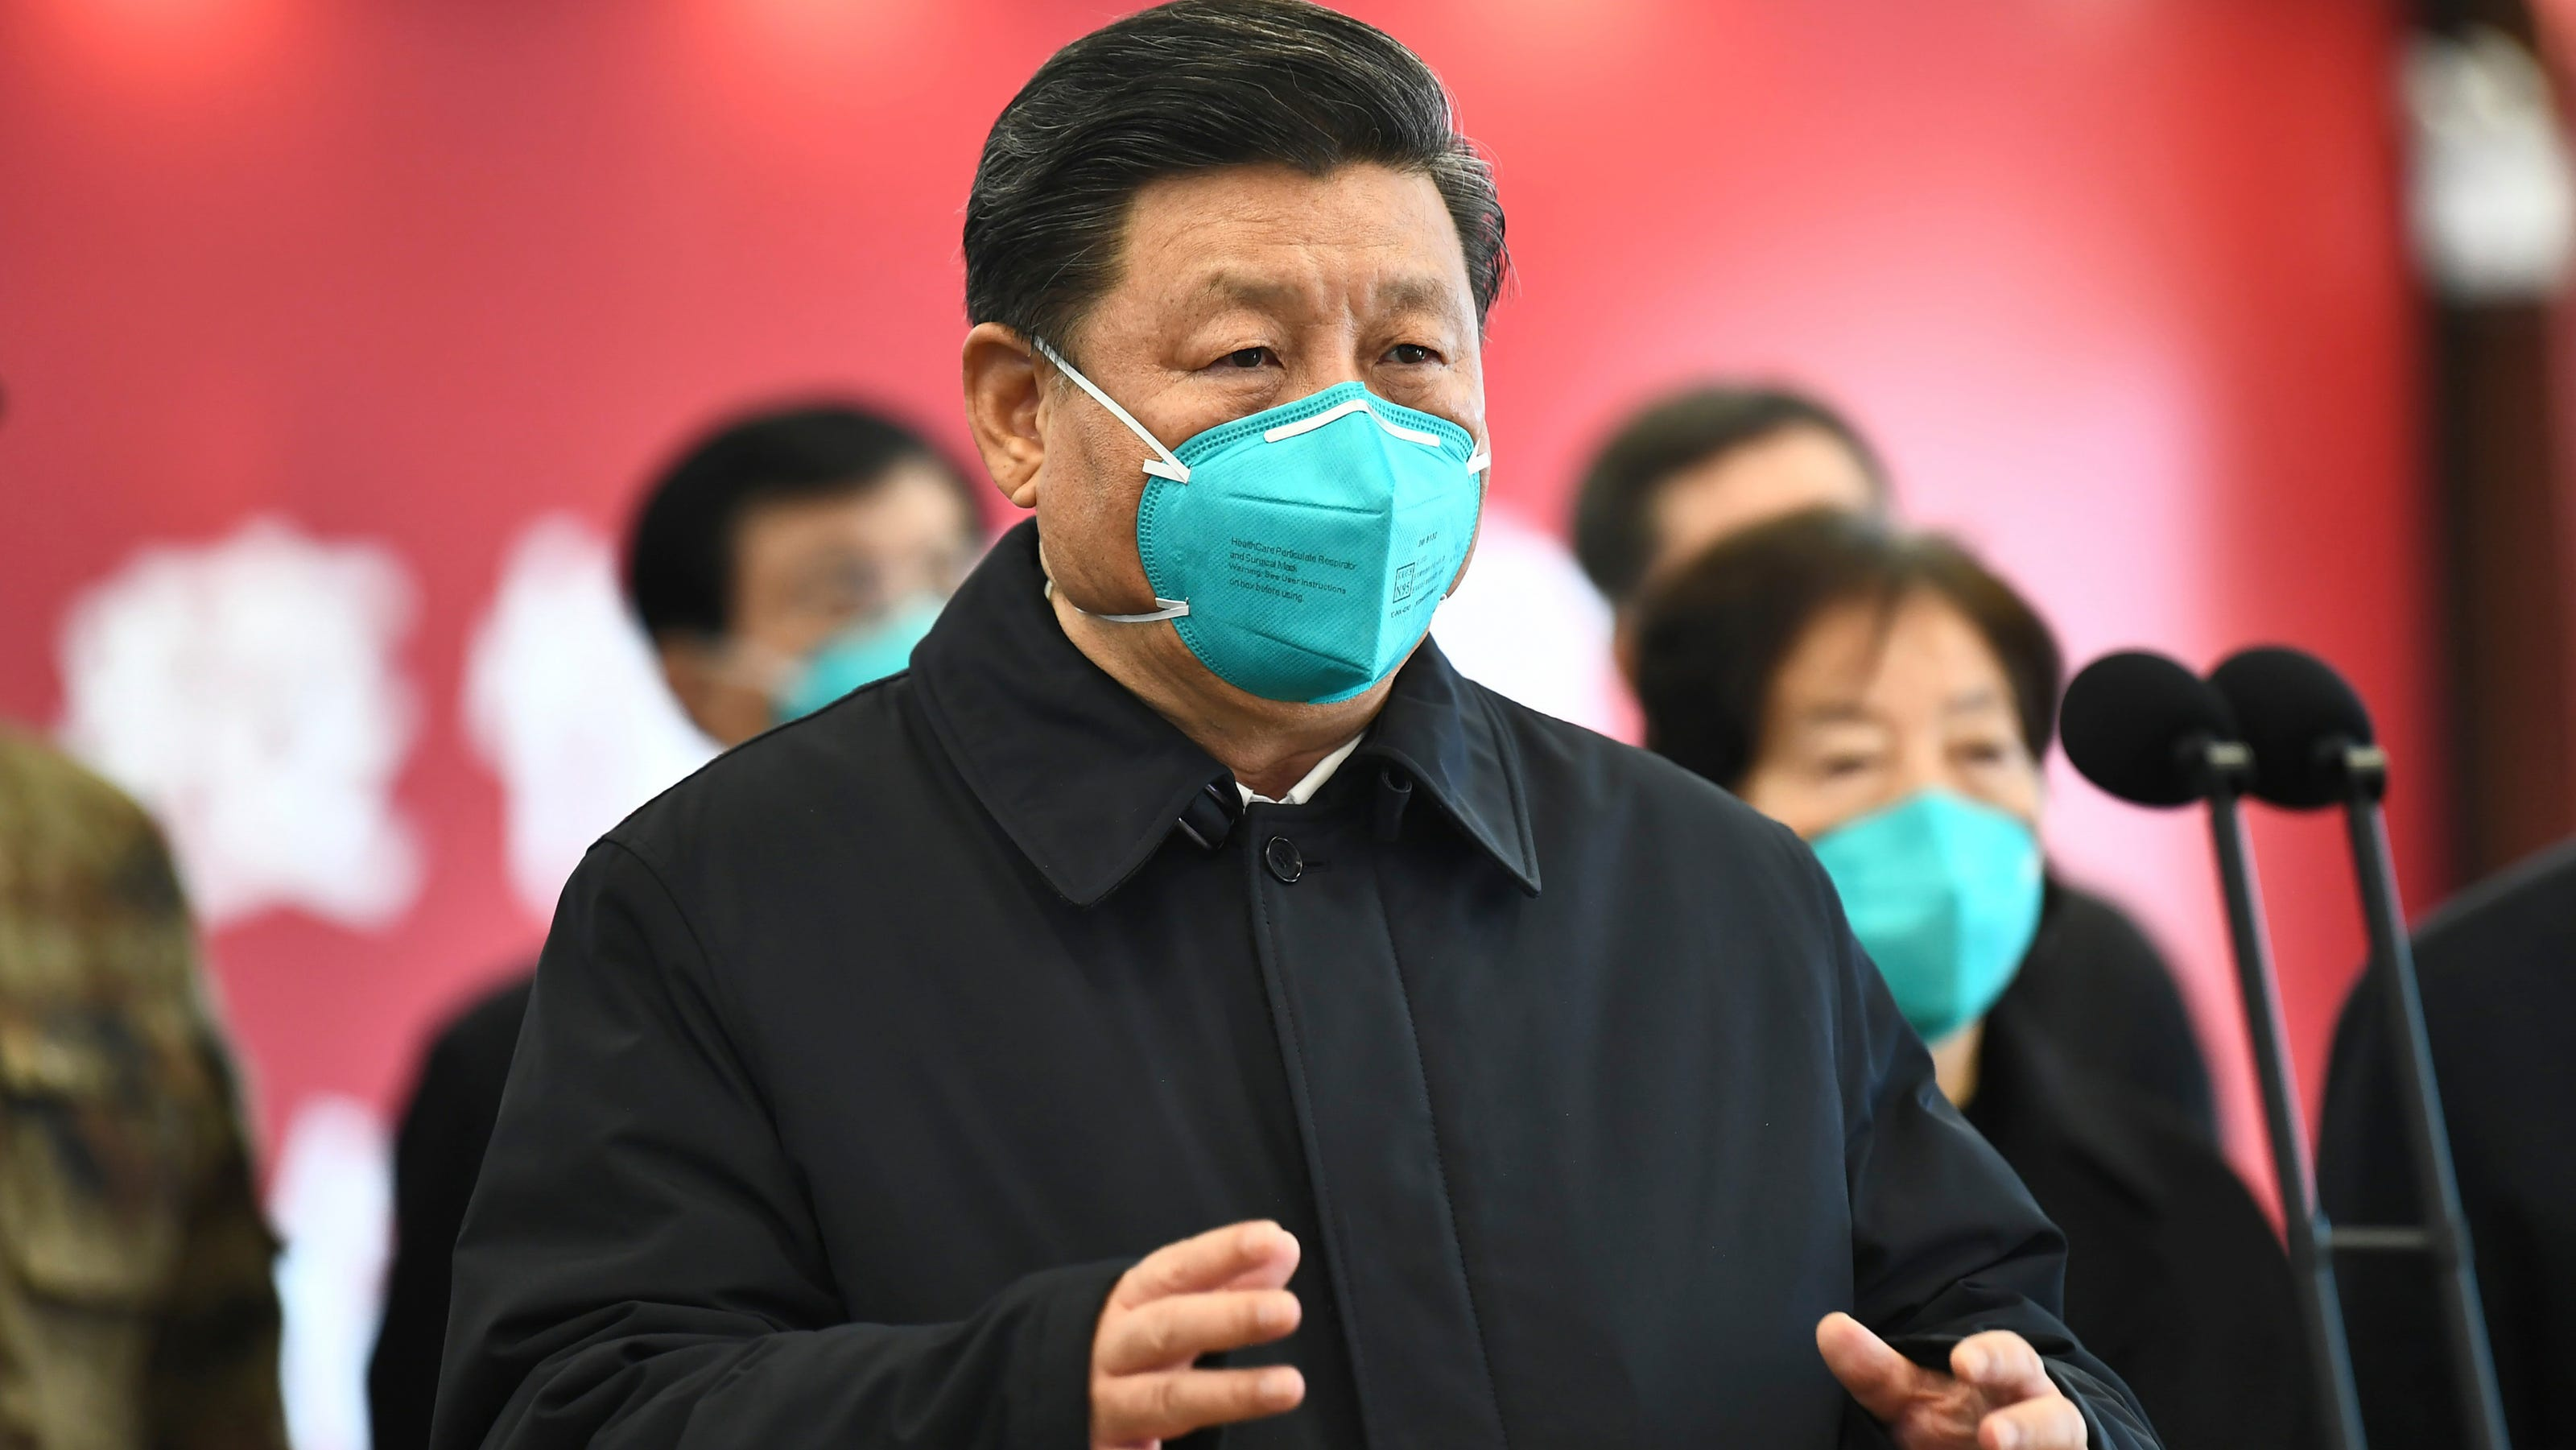 masque integral virus